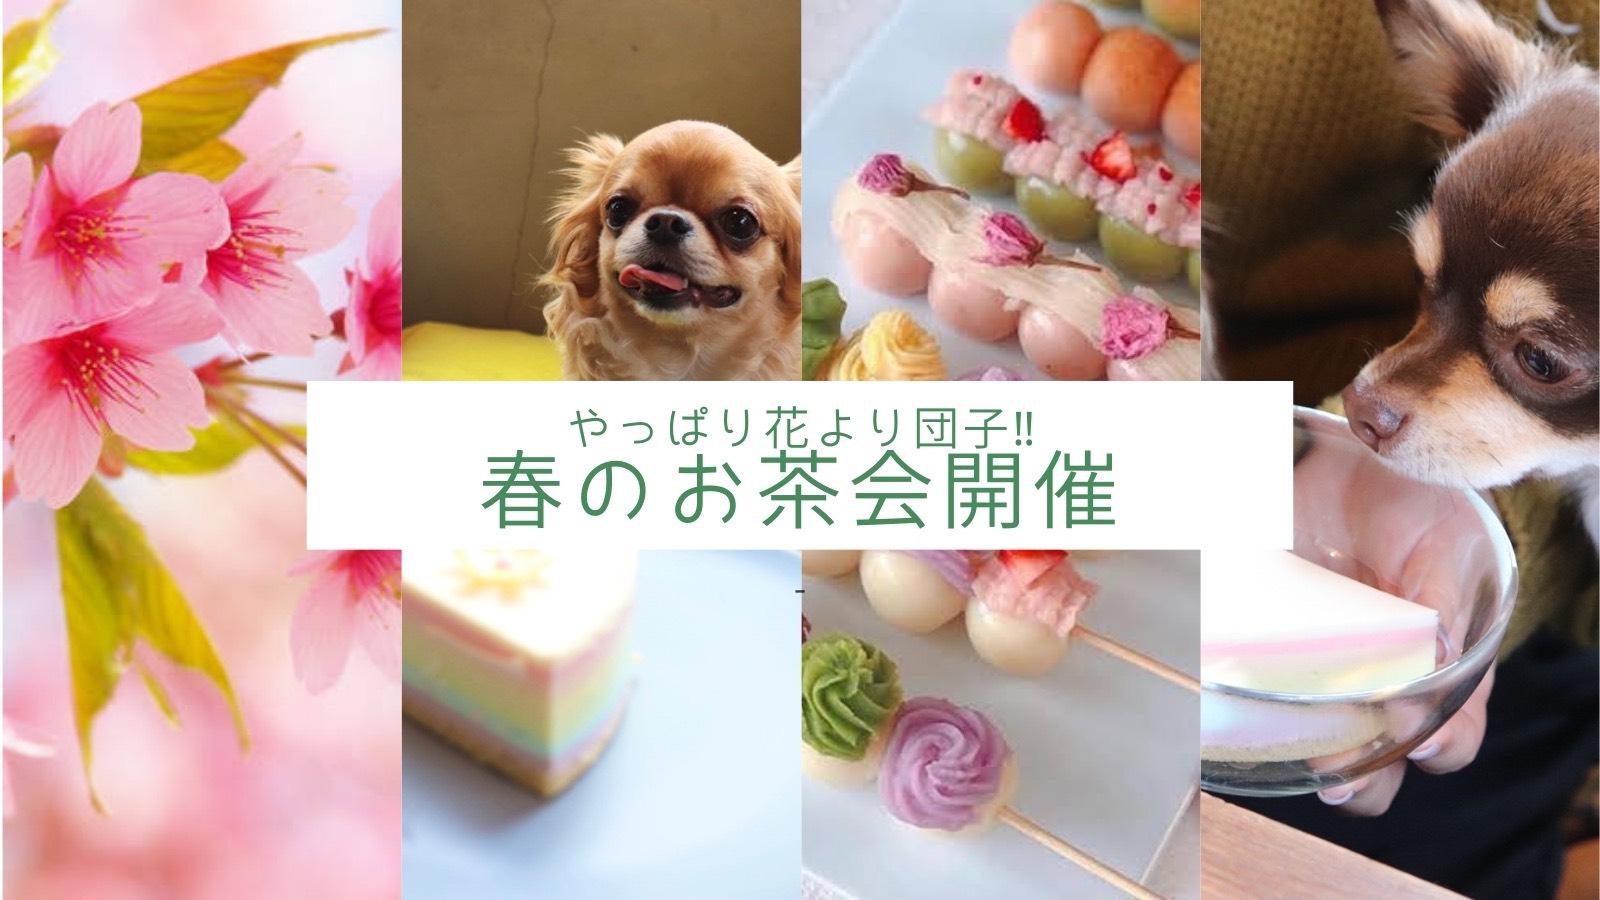 3/28 やっぱり花より団子‼️🌸春のお茶会開催